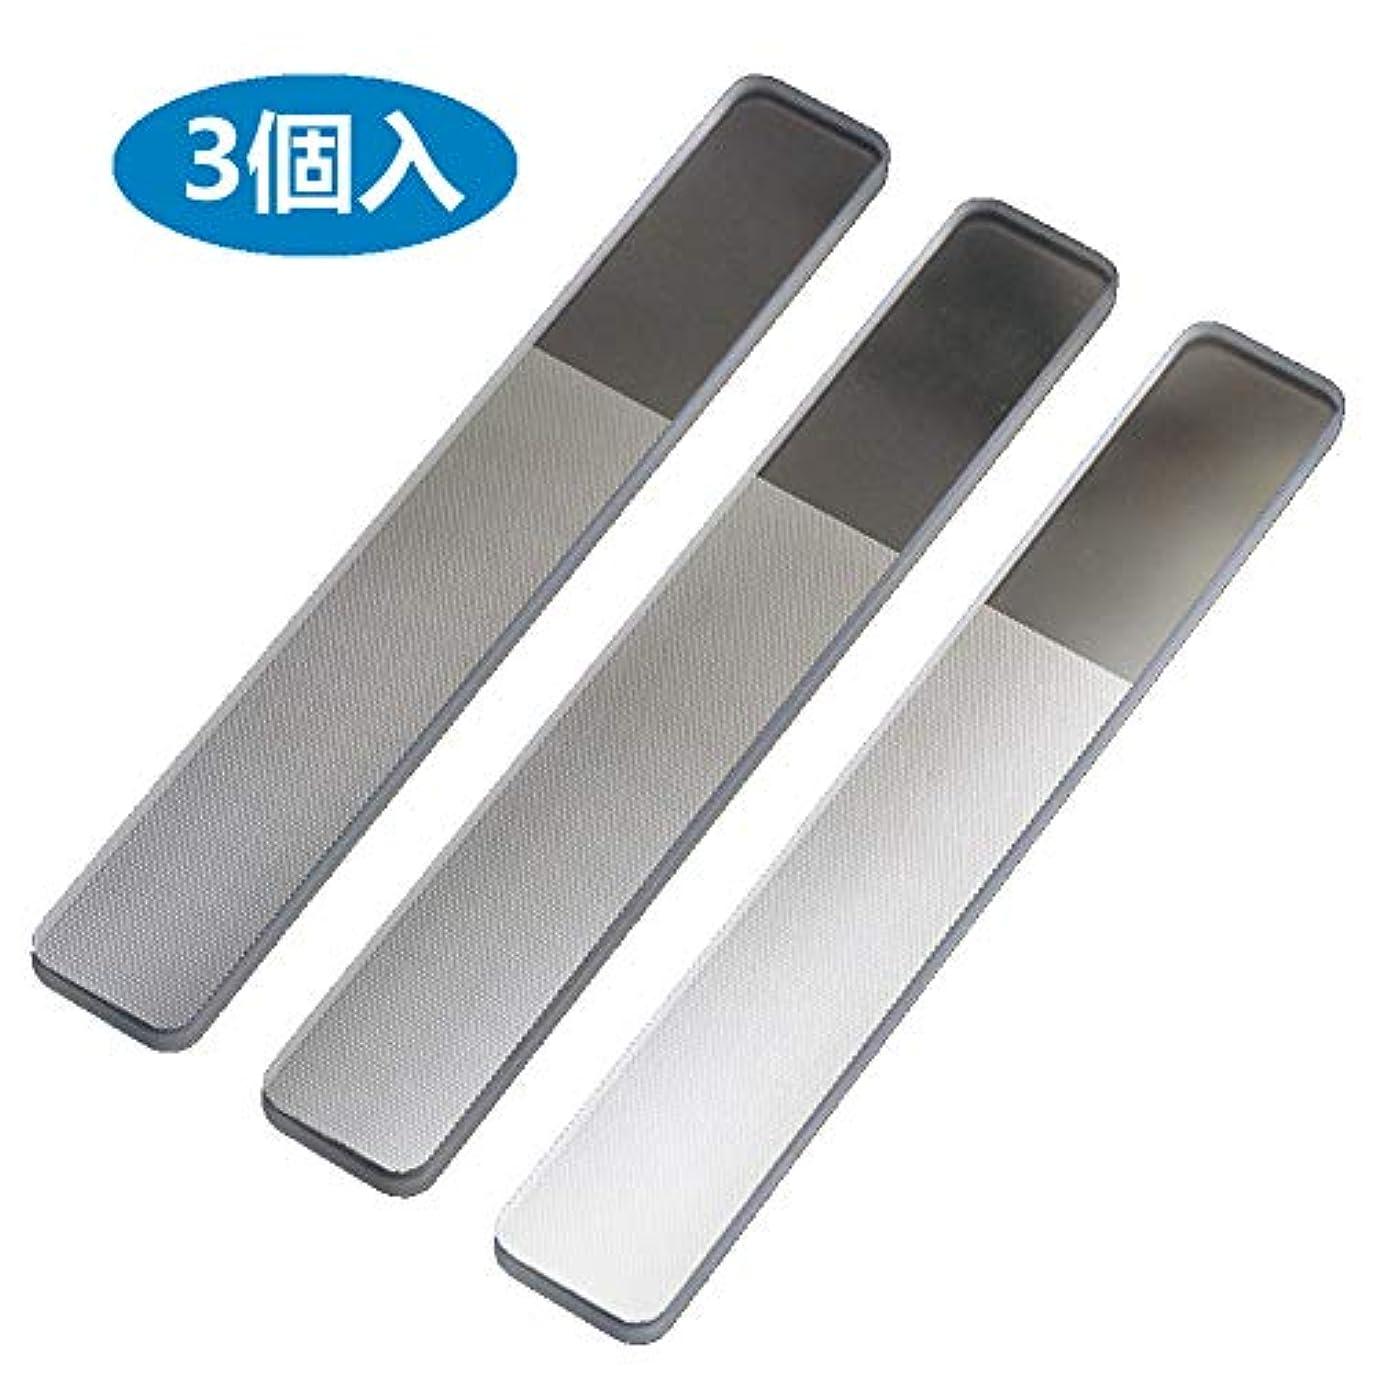 爪深い乱闘MX 爪やすり 爪磨き ガラス製 (スタイル A 3個セット)